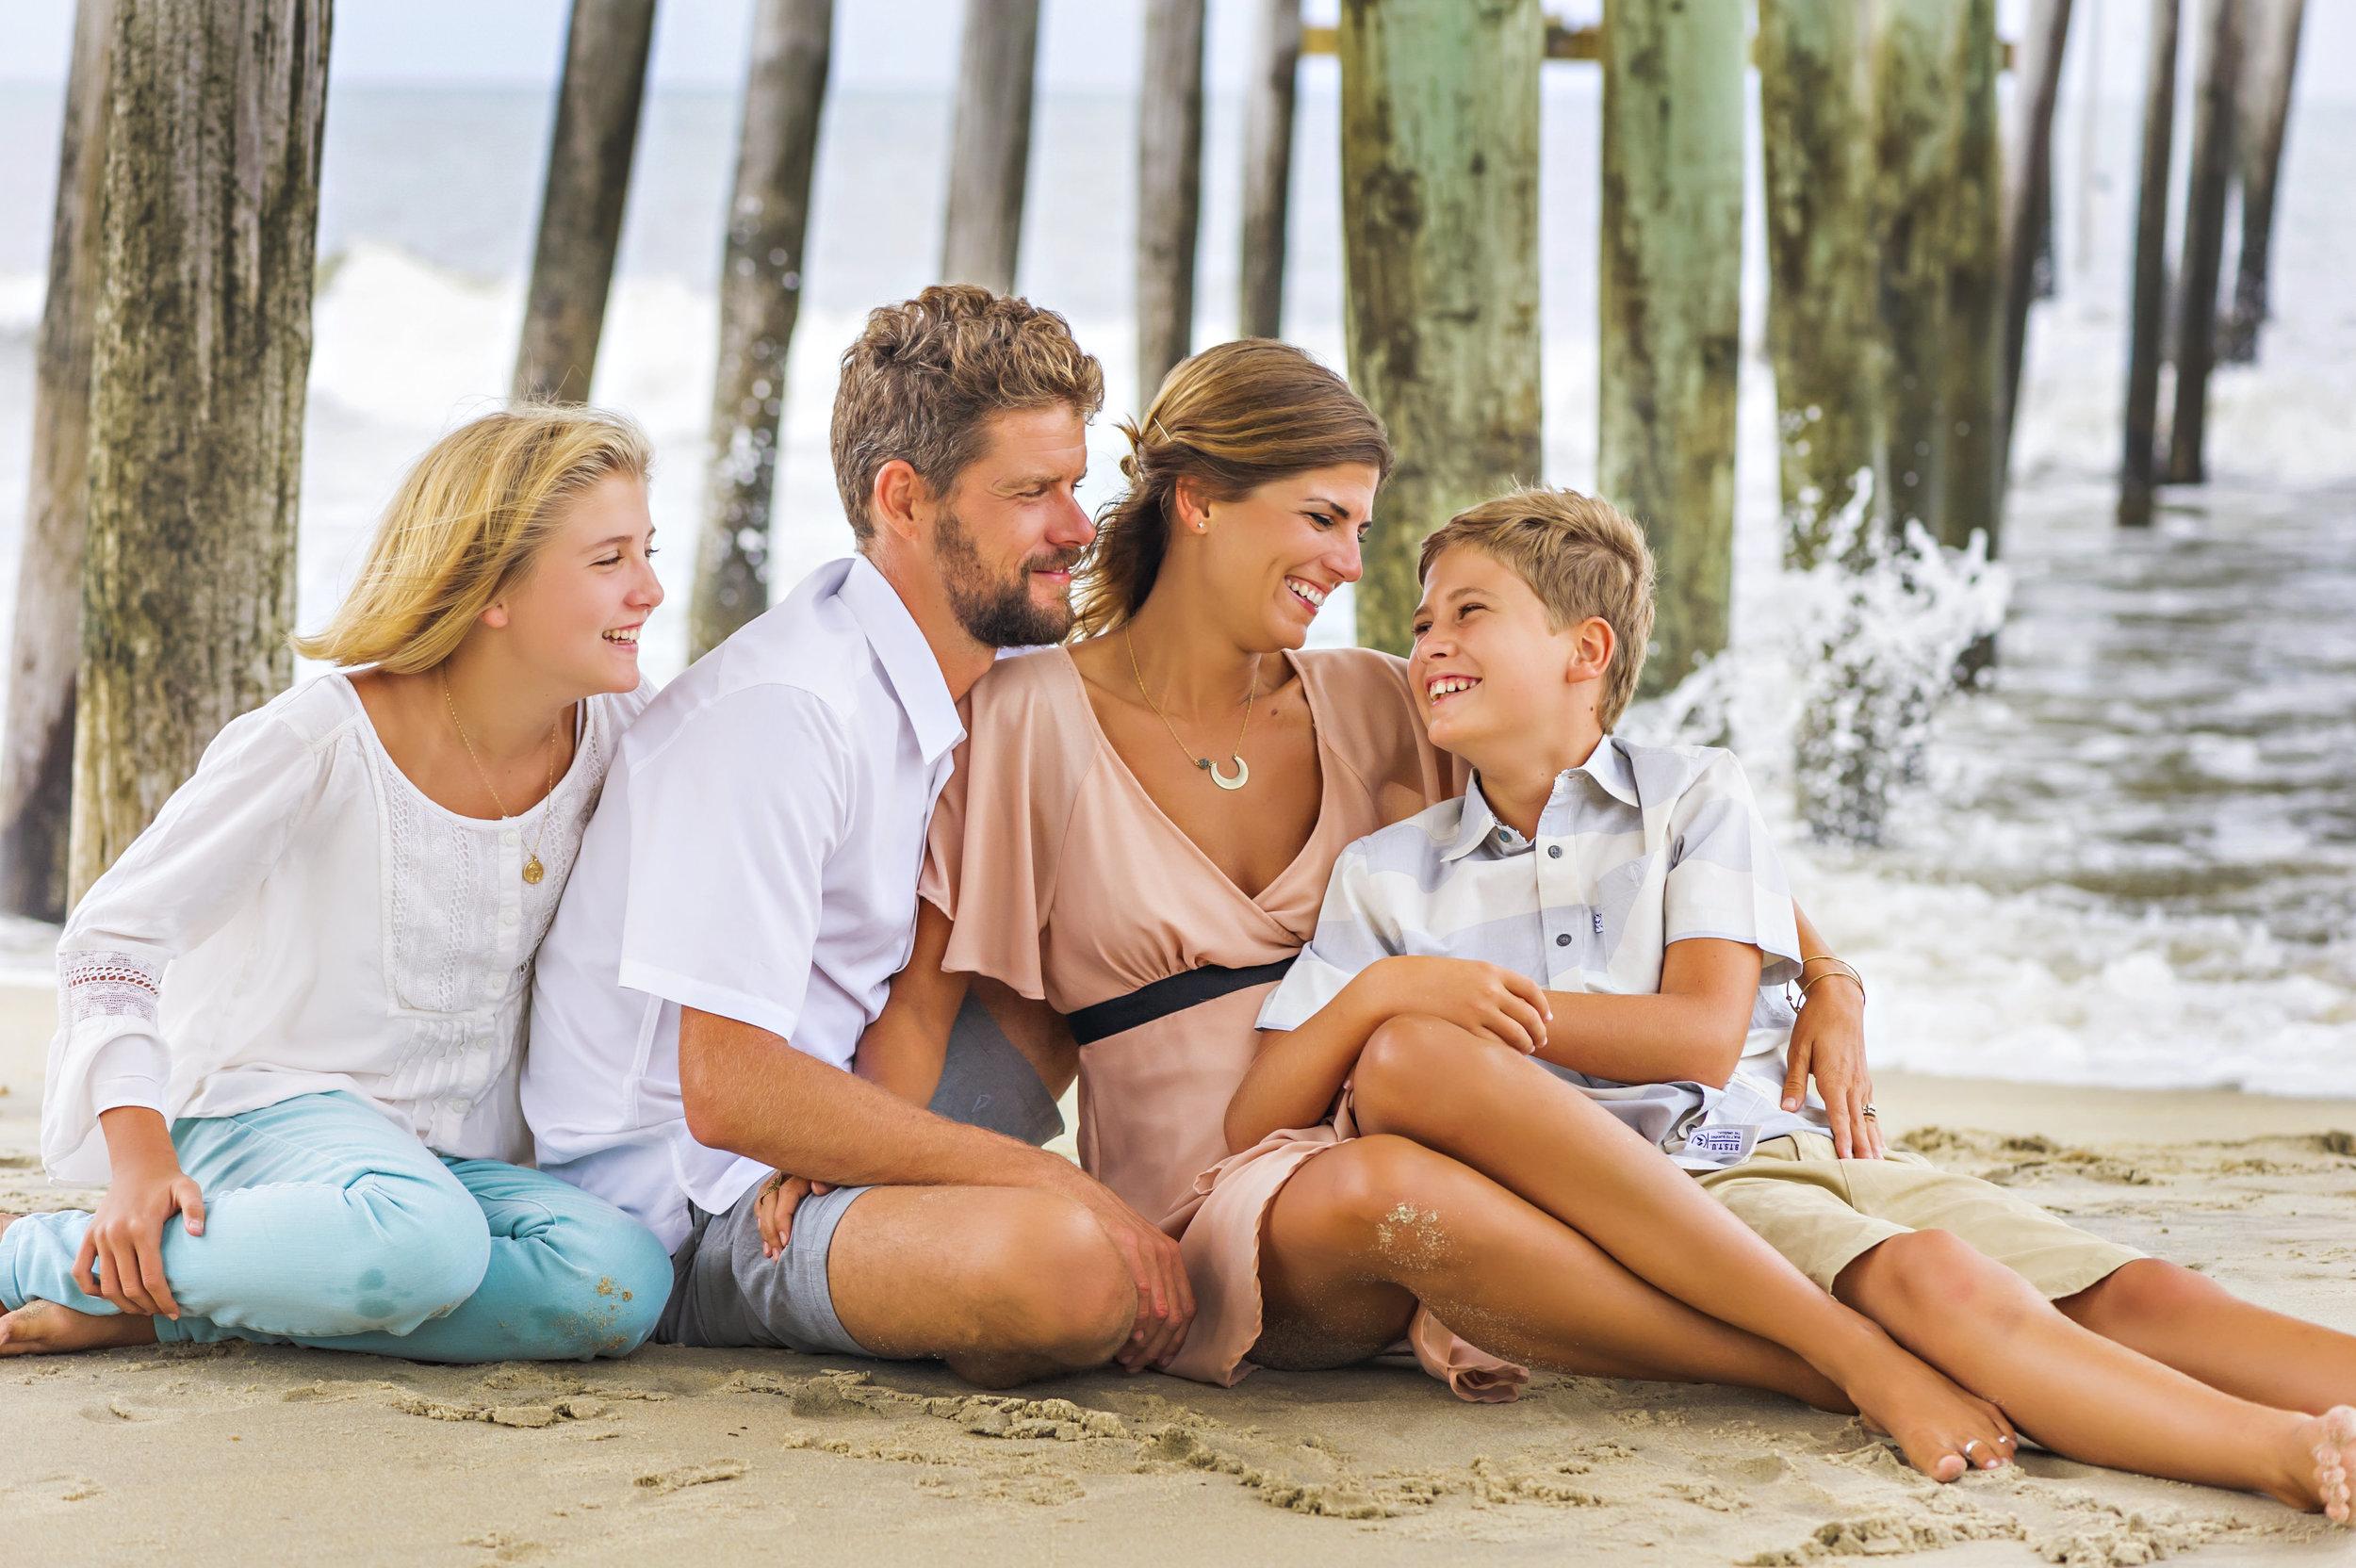 036_owens_beach_090617.jpg